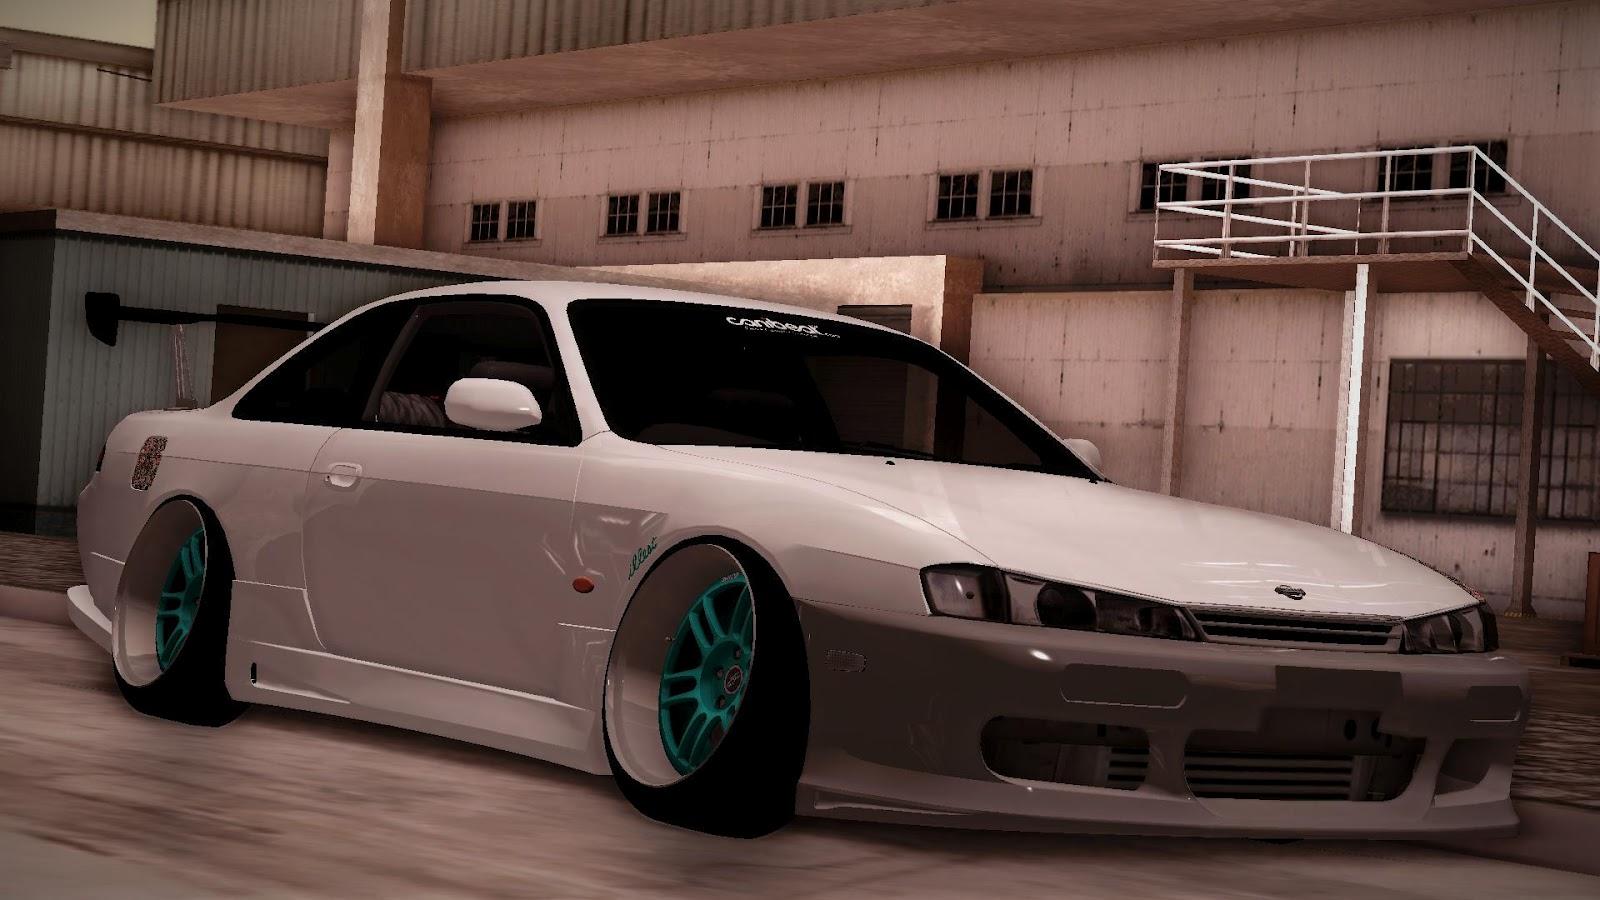 Autos Media: Nissan Silvia S14 JDM